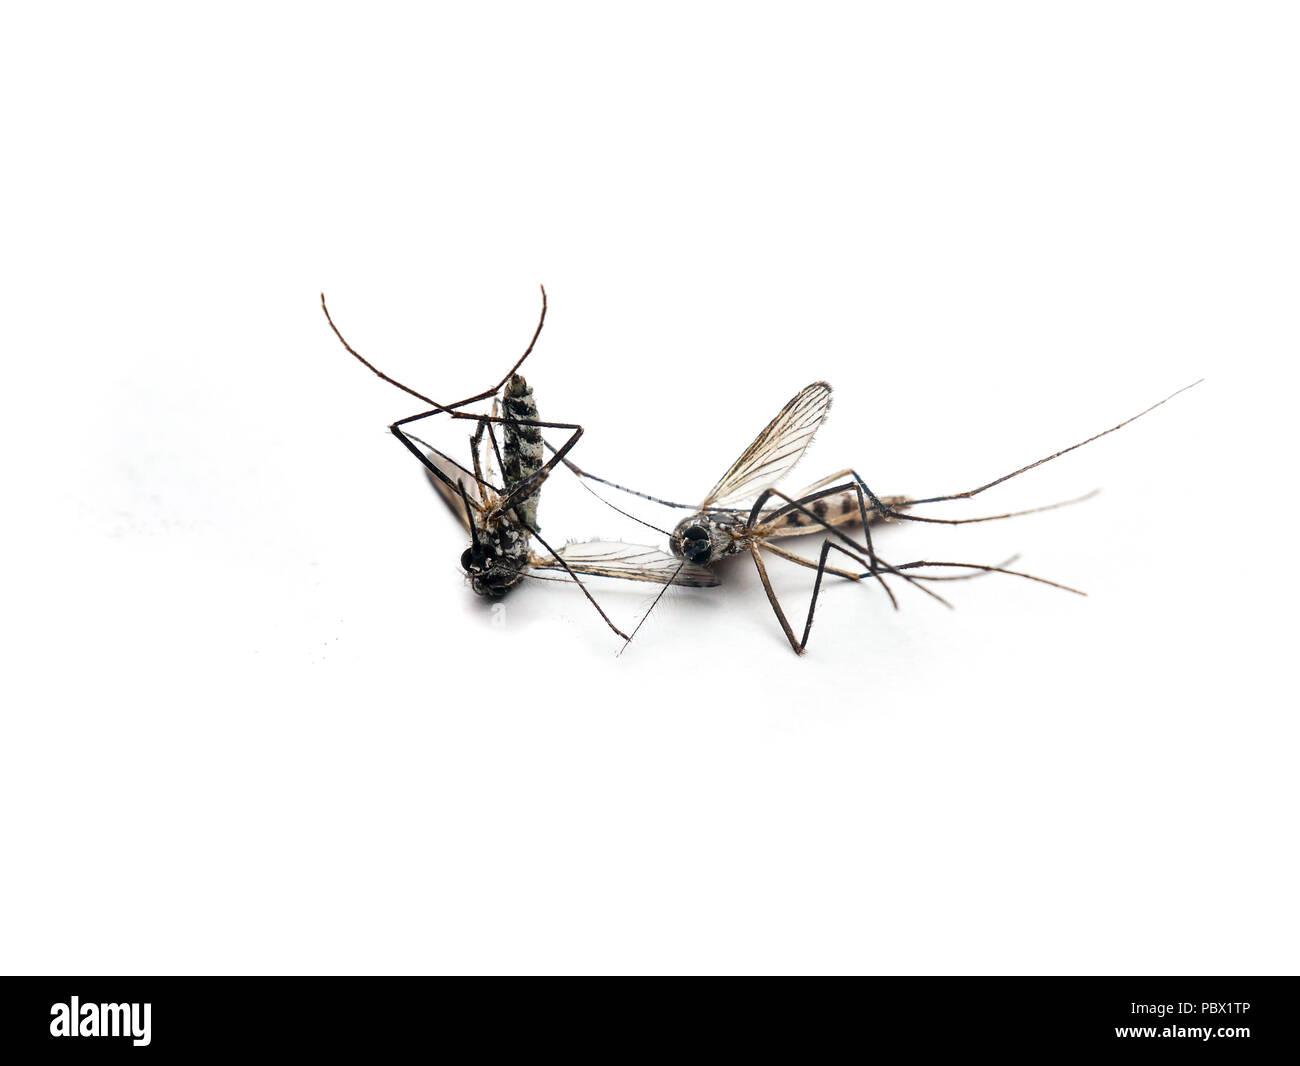 How dangerous is the Zika virus?